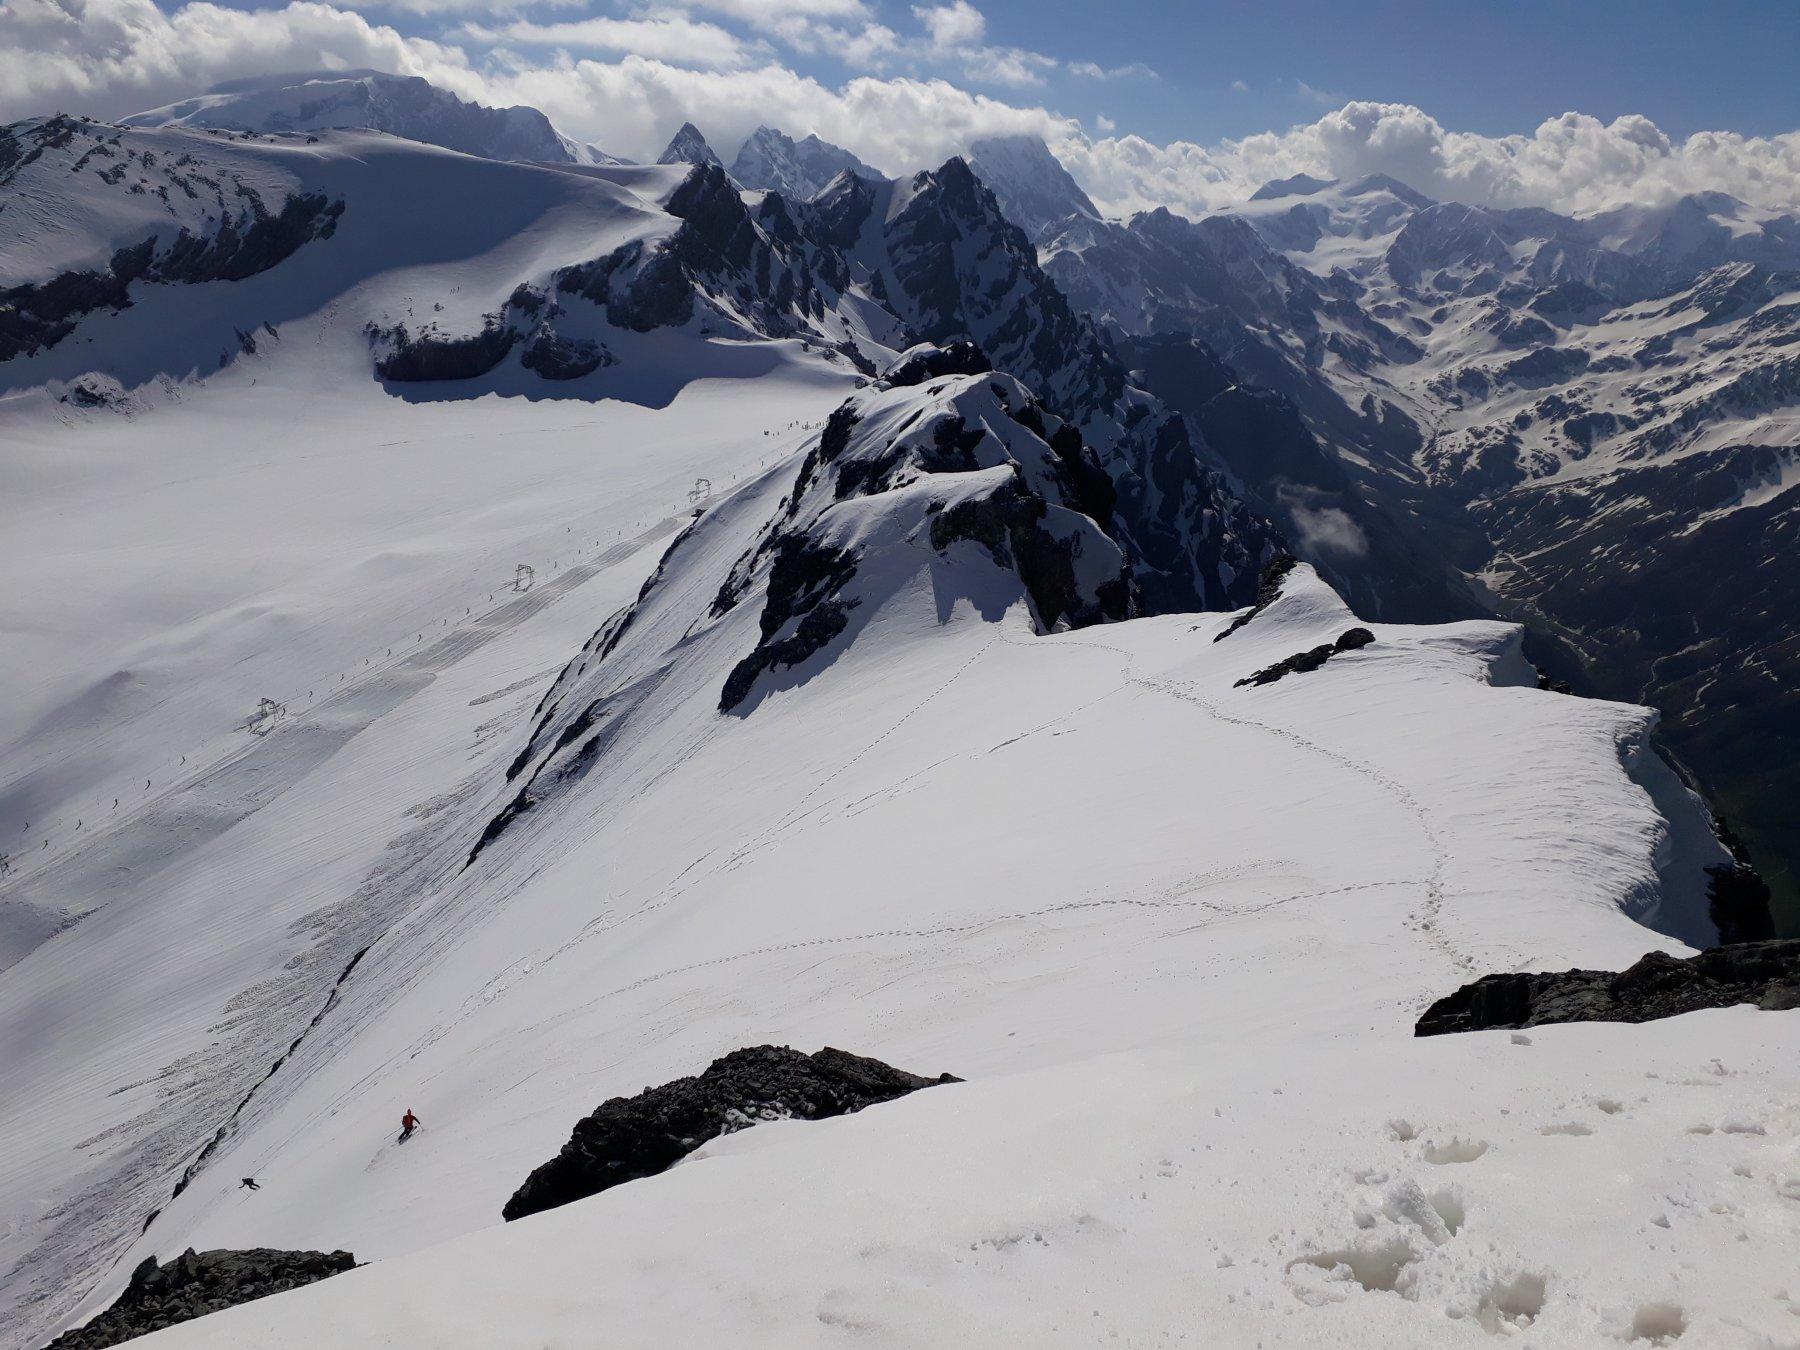 Monte Cristallo - Cresta Est e Parete Nord con due ragazzi impegnati in discesa